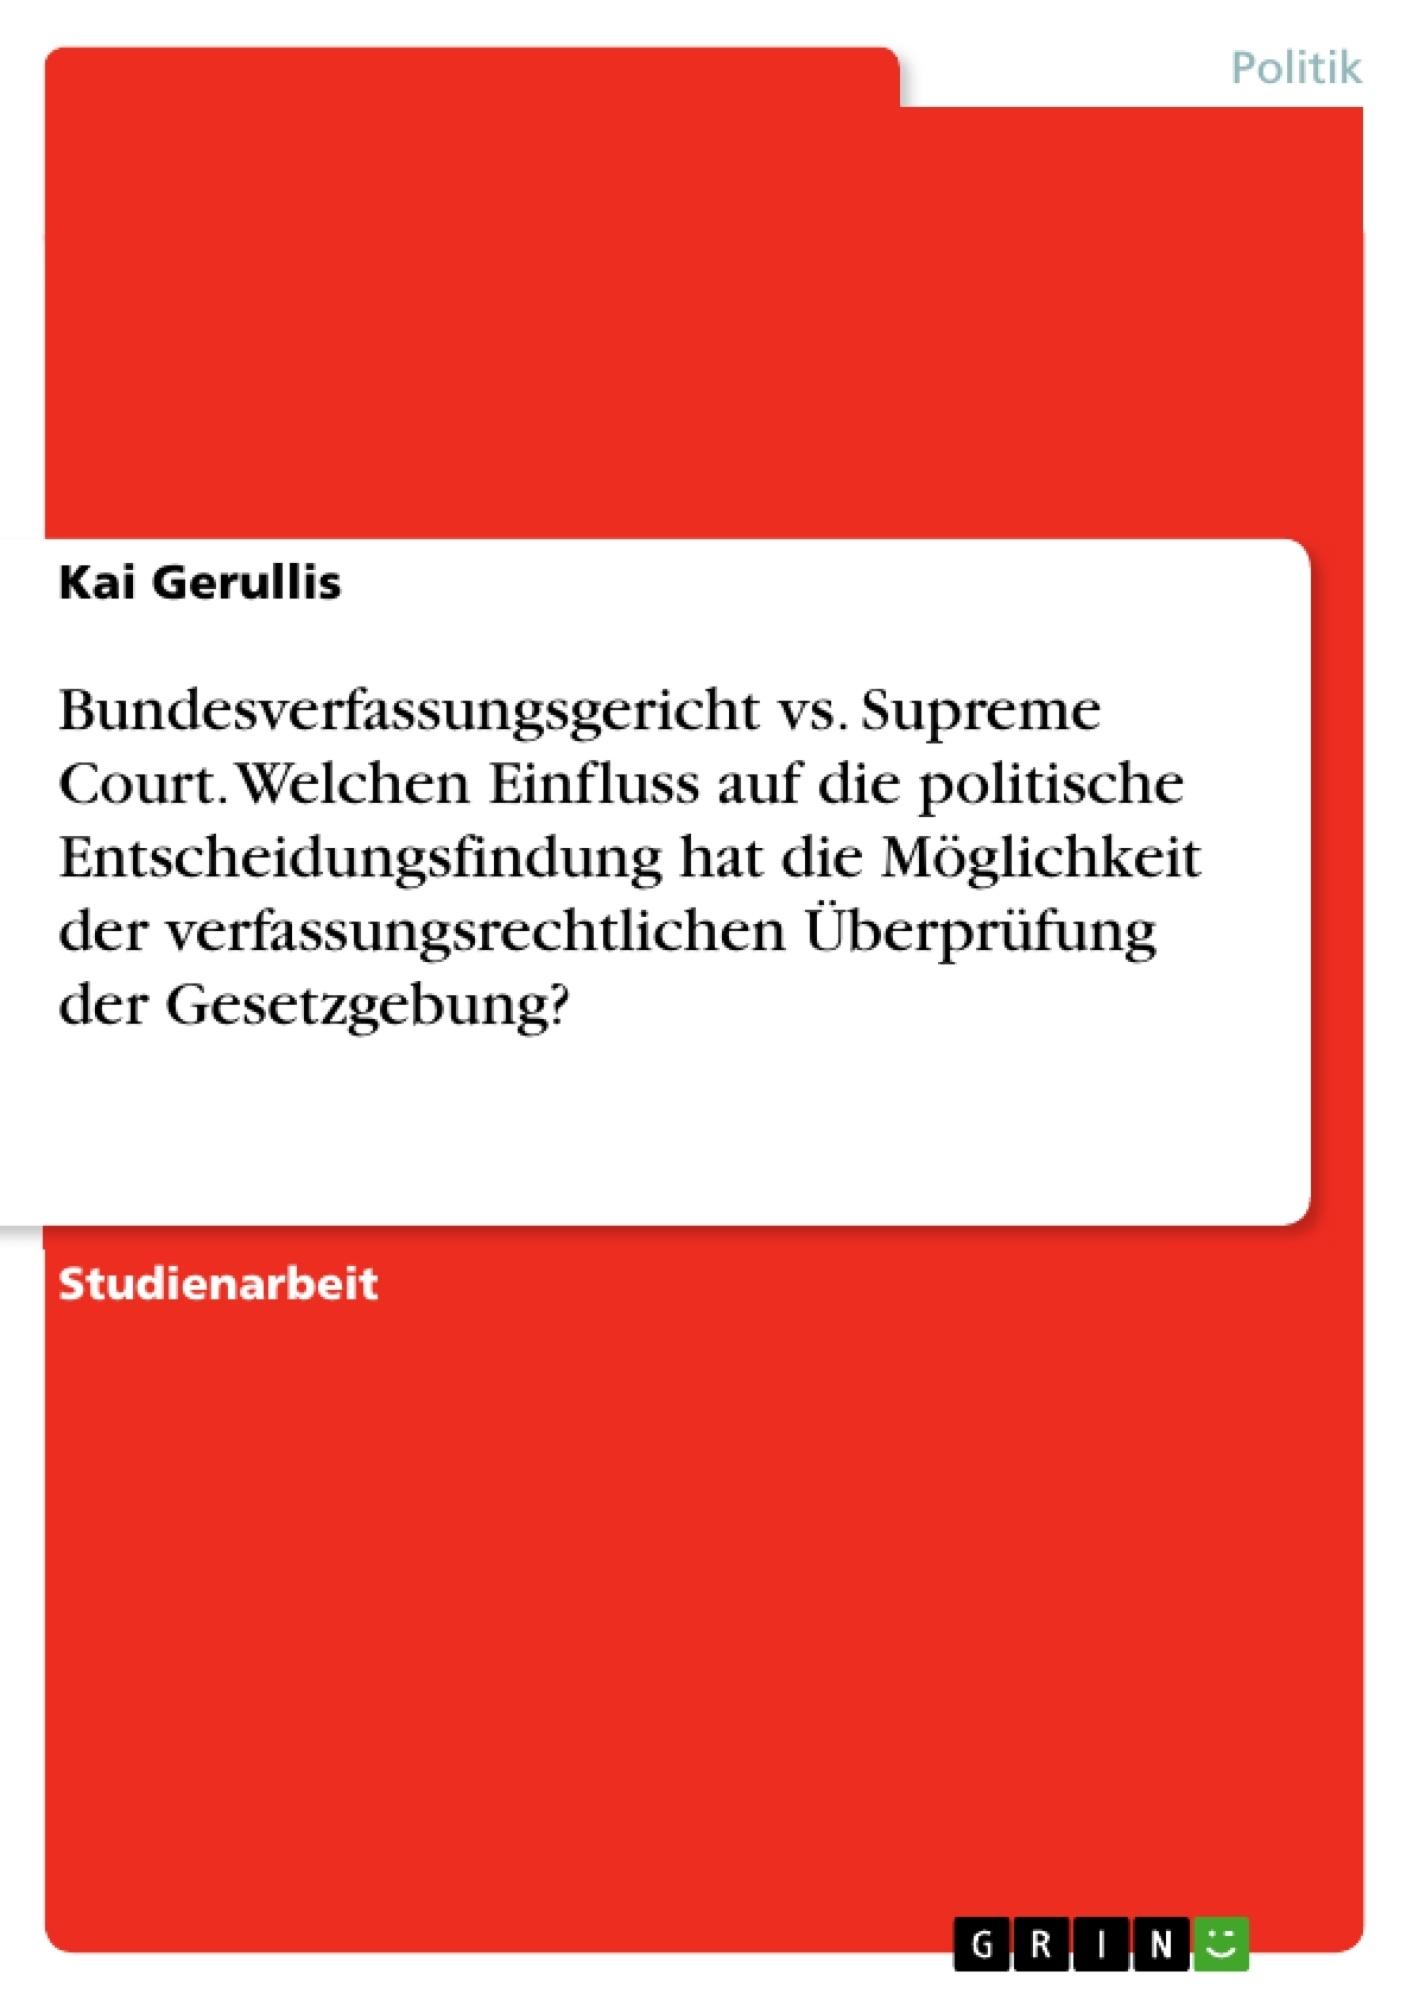 Titel: Bundesverfassungsgericht vs. Supreme Court. Welchen Einfluss auf die politische Entscheidungsfindung hat die Möglichkeit der verfassungsrechtlichen Überprüfung der Gesetzgebung?